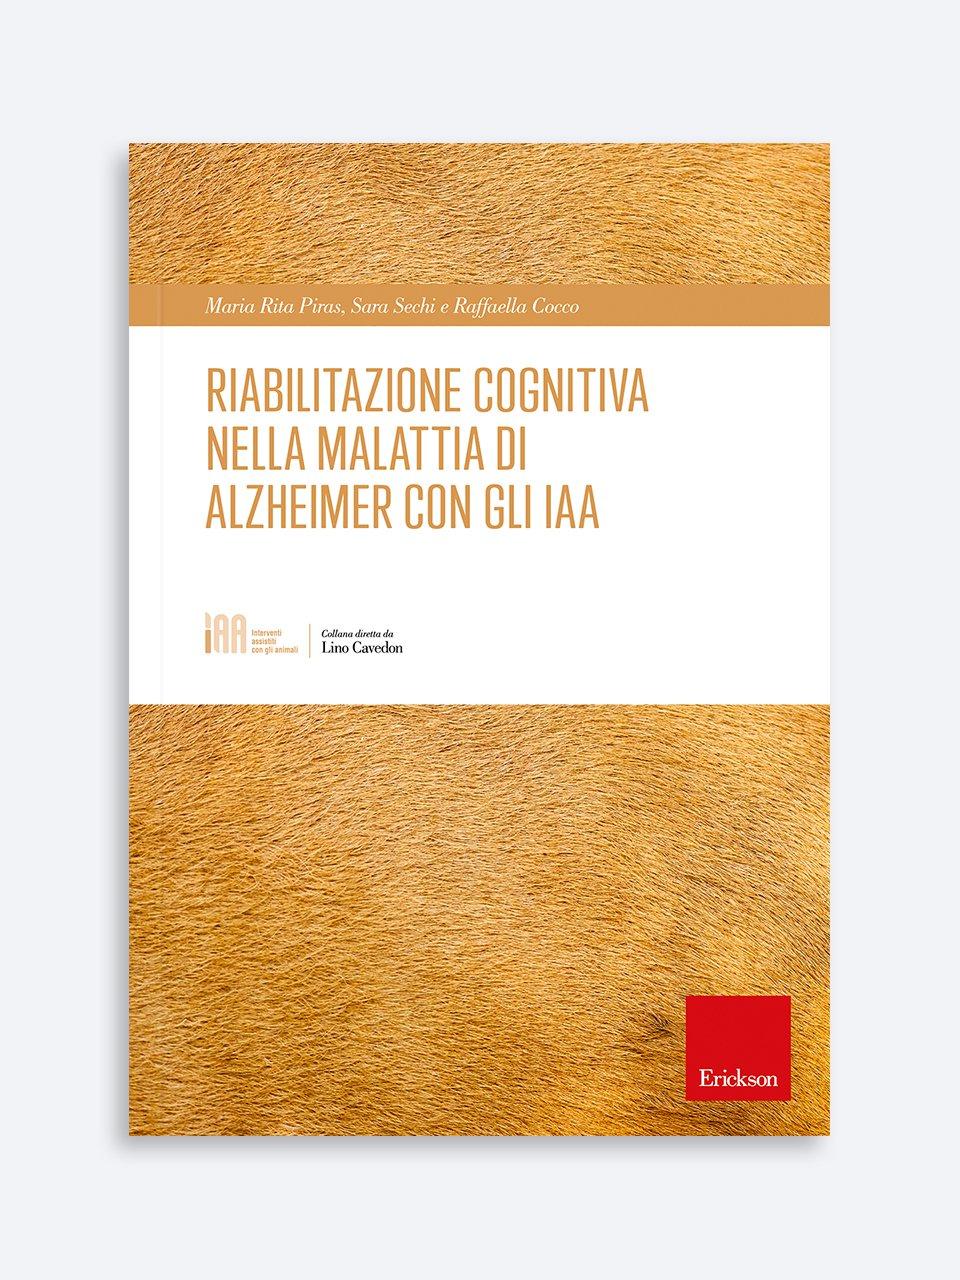 Riabilitazione cognitiva nella malattia di Alzheimer con gli IAA - La riabilitazione nella demenza grave - Libri - Erickson